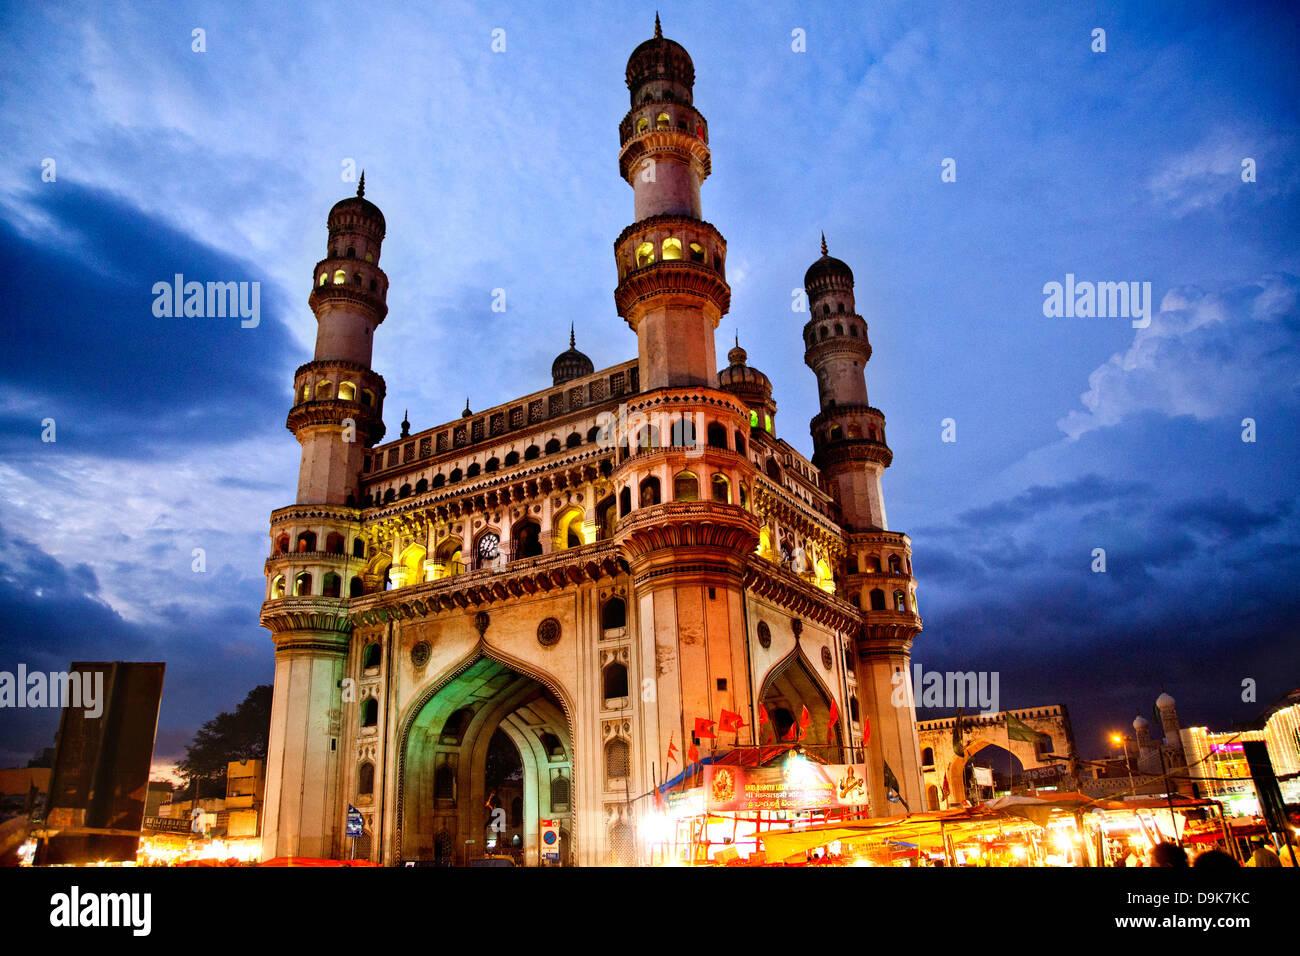 Basso angolo di vista Charminar, Hyderabad, Andhra Pradesh, India Immagini Stock